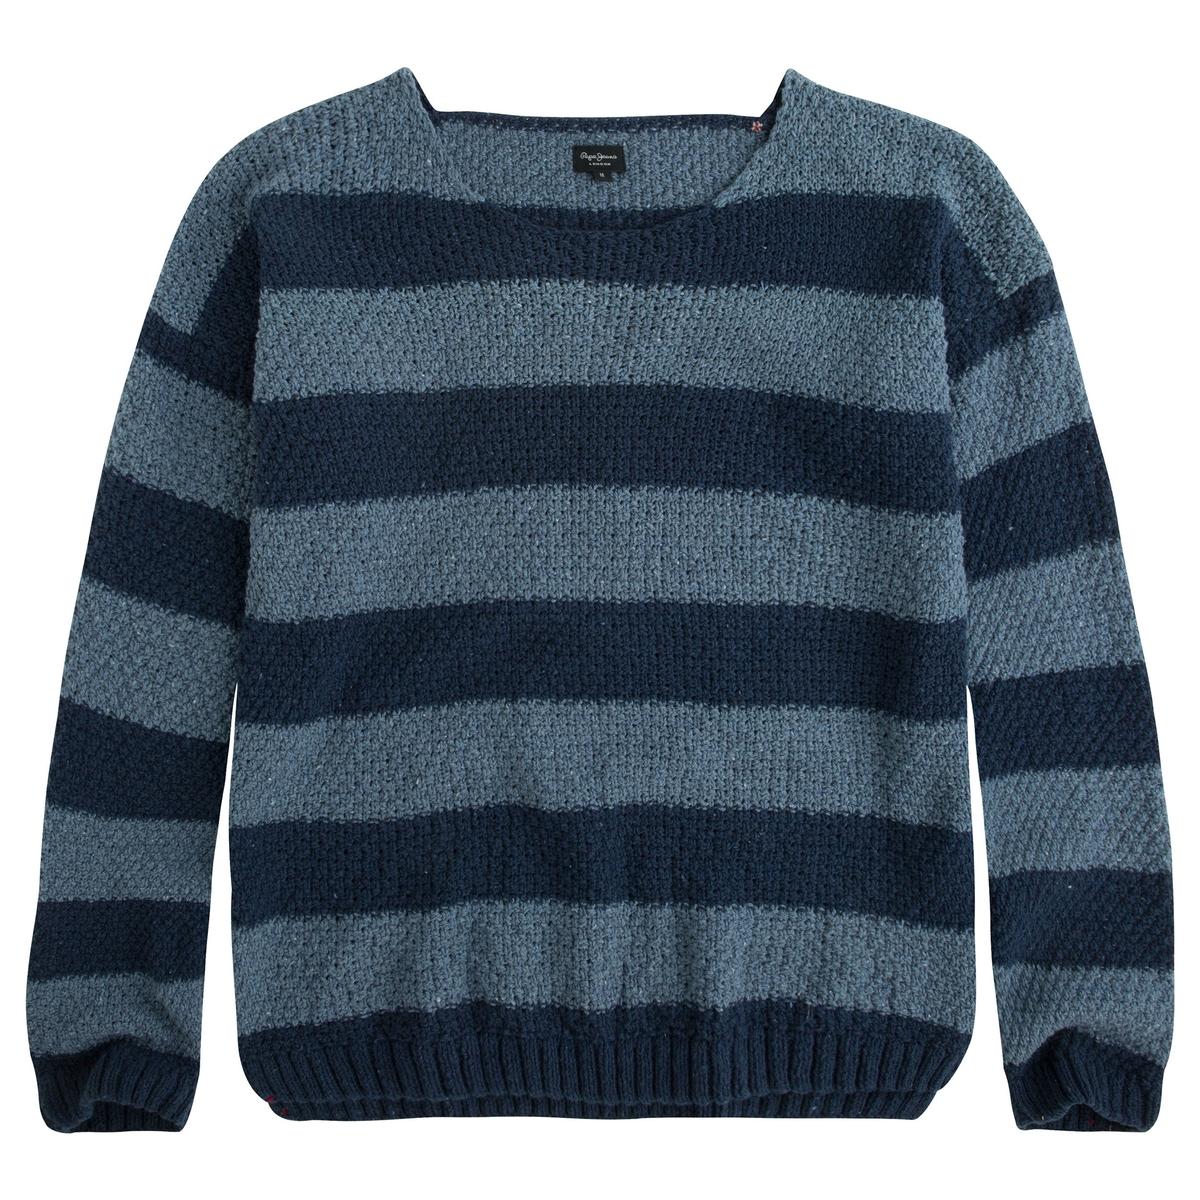 Пуловер с высоким воротником из хлопкаДетали  •  Классическая модель •  Длинные рукава •  Высокий воротник •  Плотный трикотаж •  Рисунок в полоскуСостав и уход •  20% шерсти, 80% хлопка •  Следуйте советам по уходу, указанным на этикетке<br><br>Цвет: темно-синий в полоску<br>Размер: S